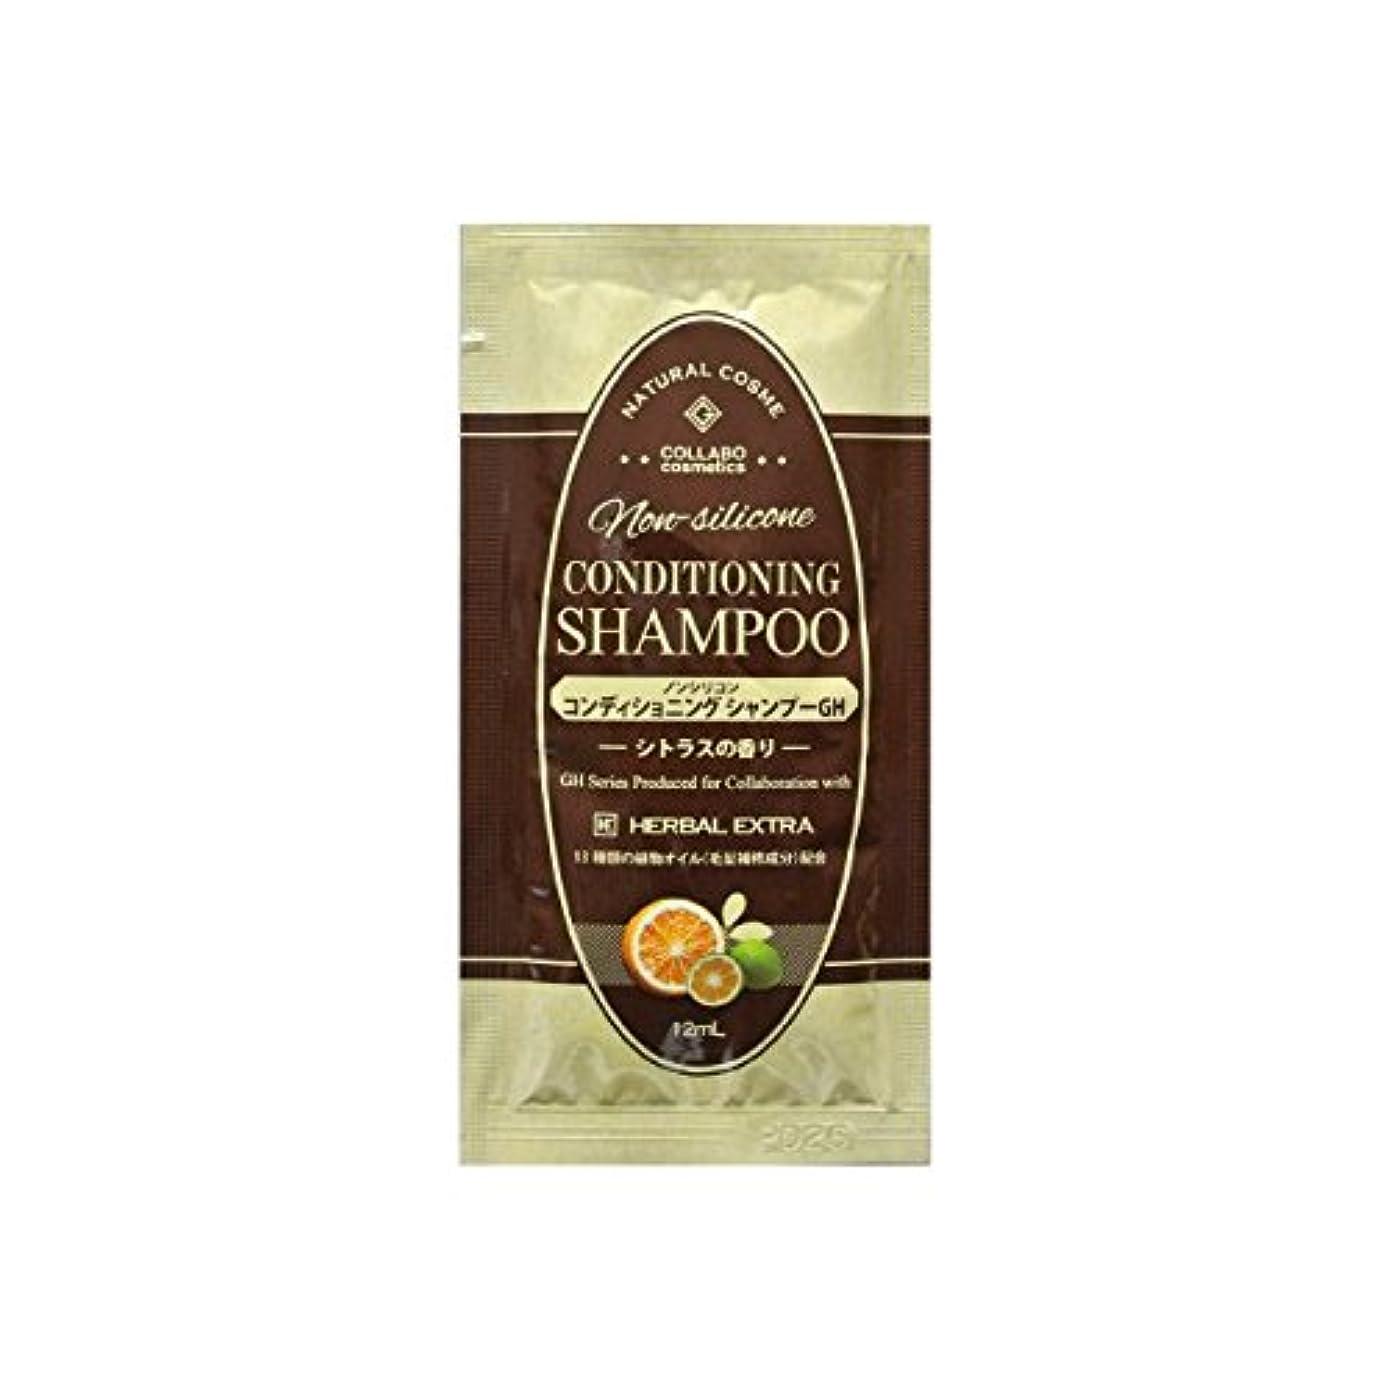 メイエラ爆発するお茶ゼミド ノンシリコン コンディショニングシャンプーGH 12mlパウチ 50包